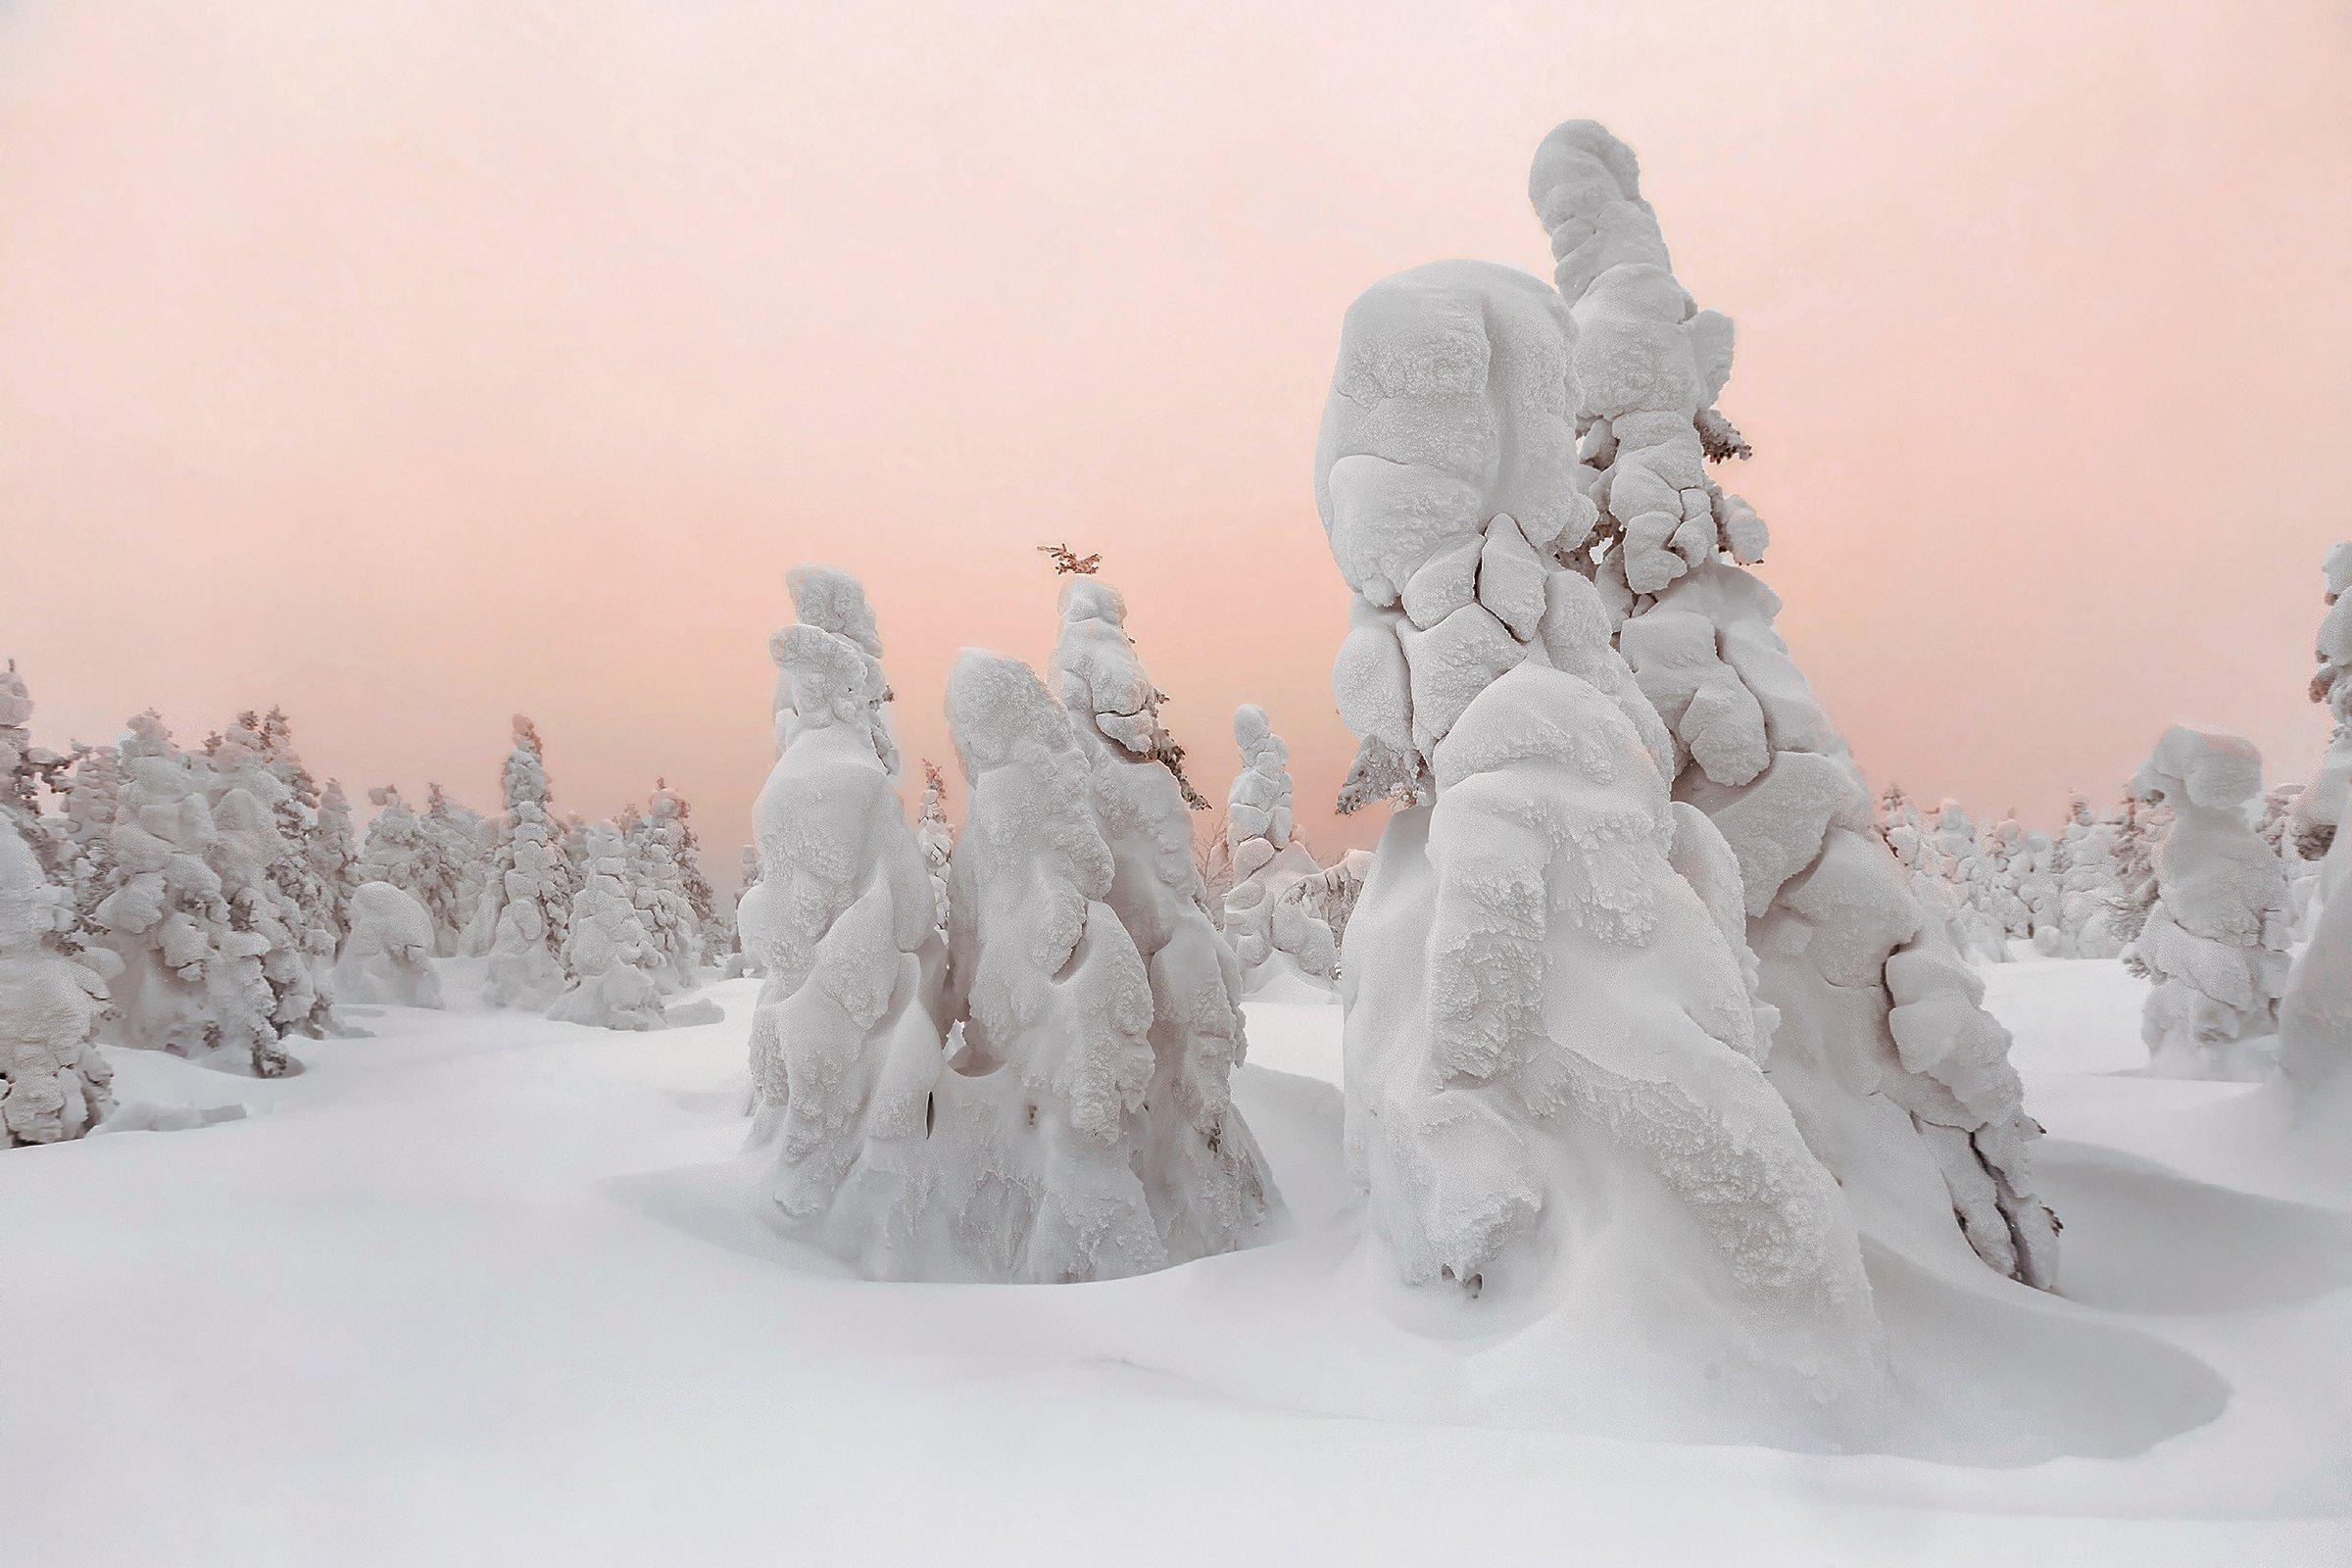 Таганай, Южный Урал, Златоуст, снег, метель, восход, Владимир